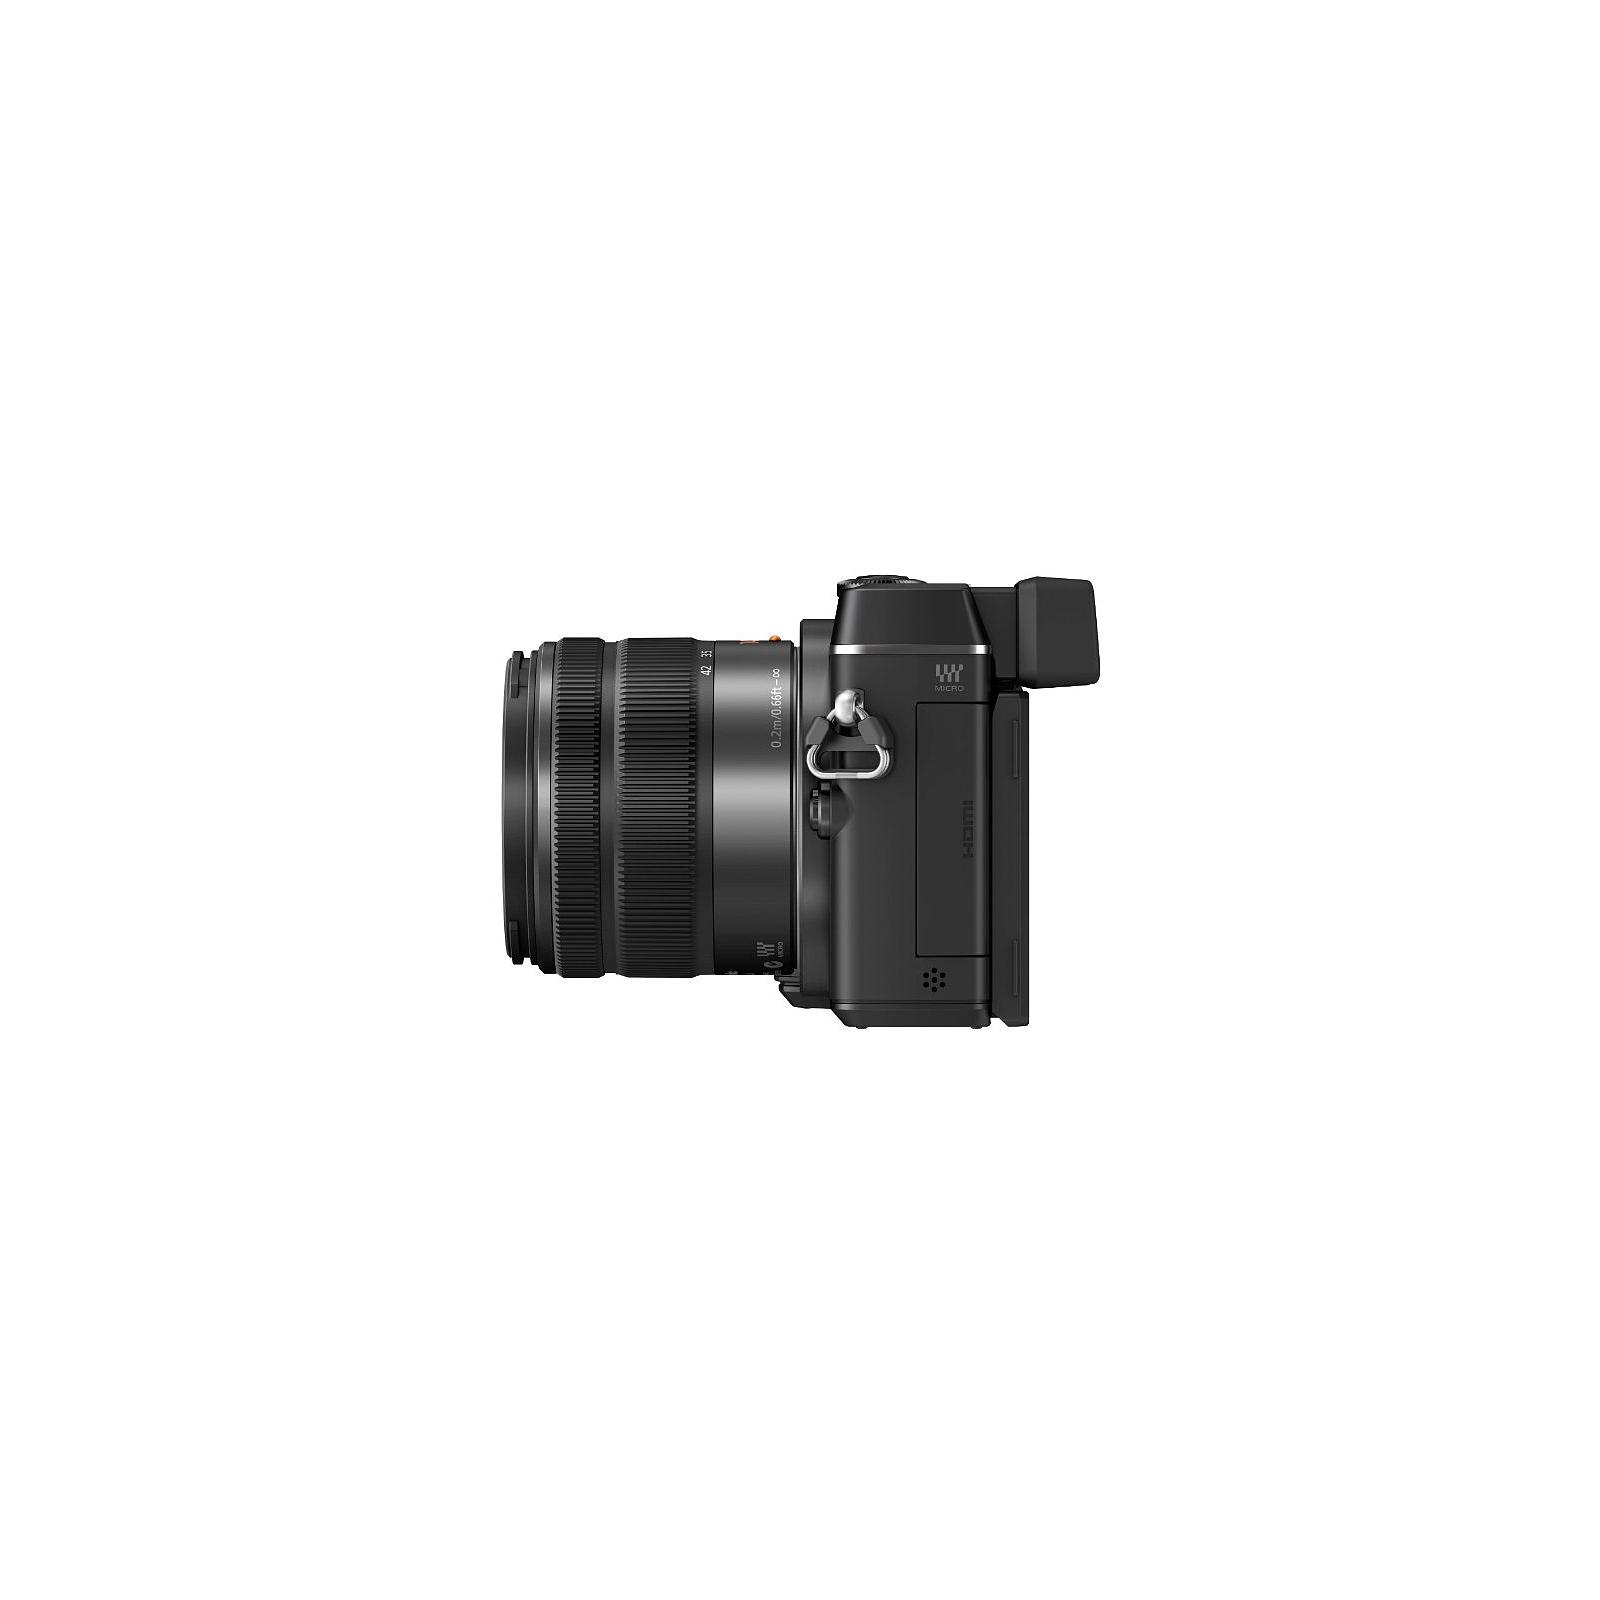 Цифровой фотоаппарат PANASONIC DMC-GX7 Kit 14-42mm black (DMC-GX7KEE-K) изображение 6